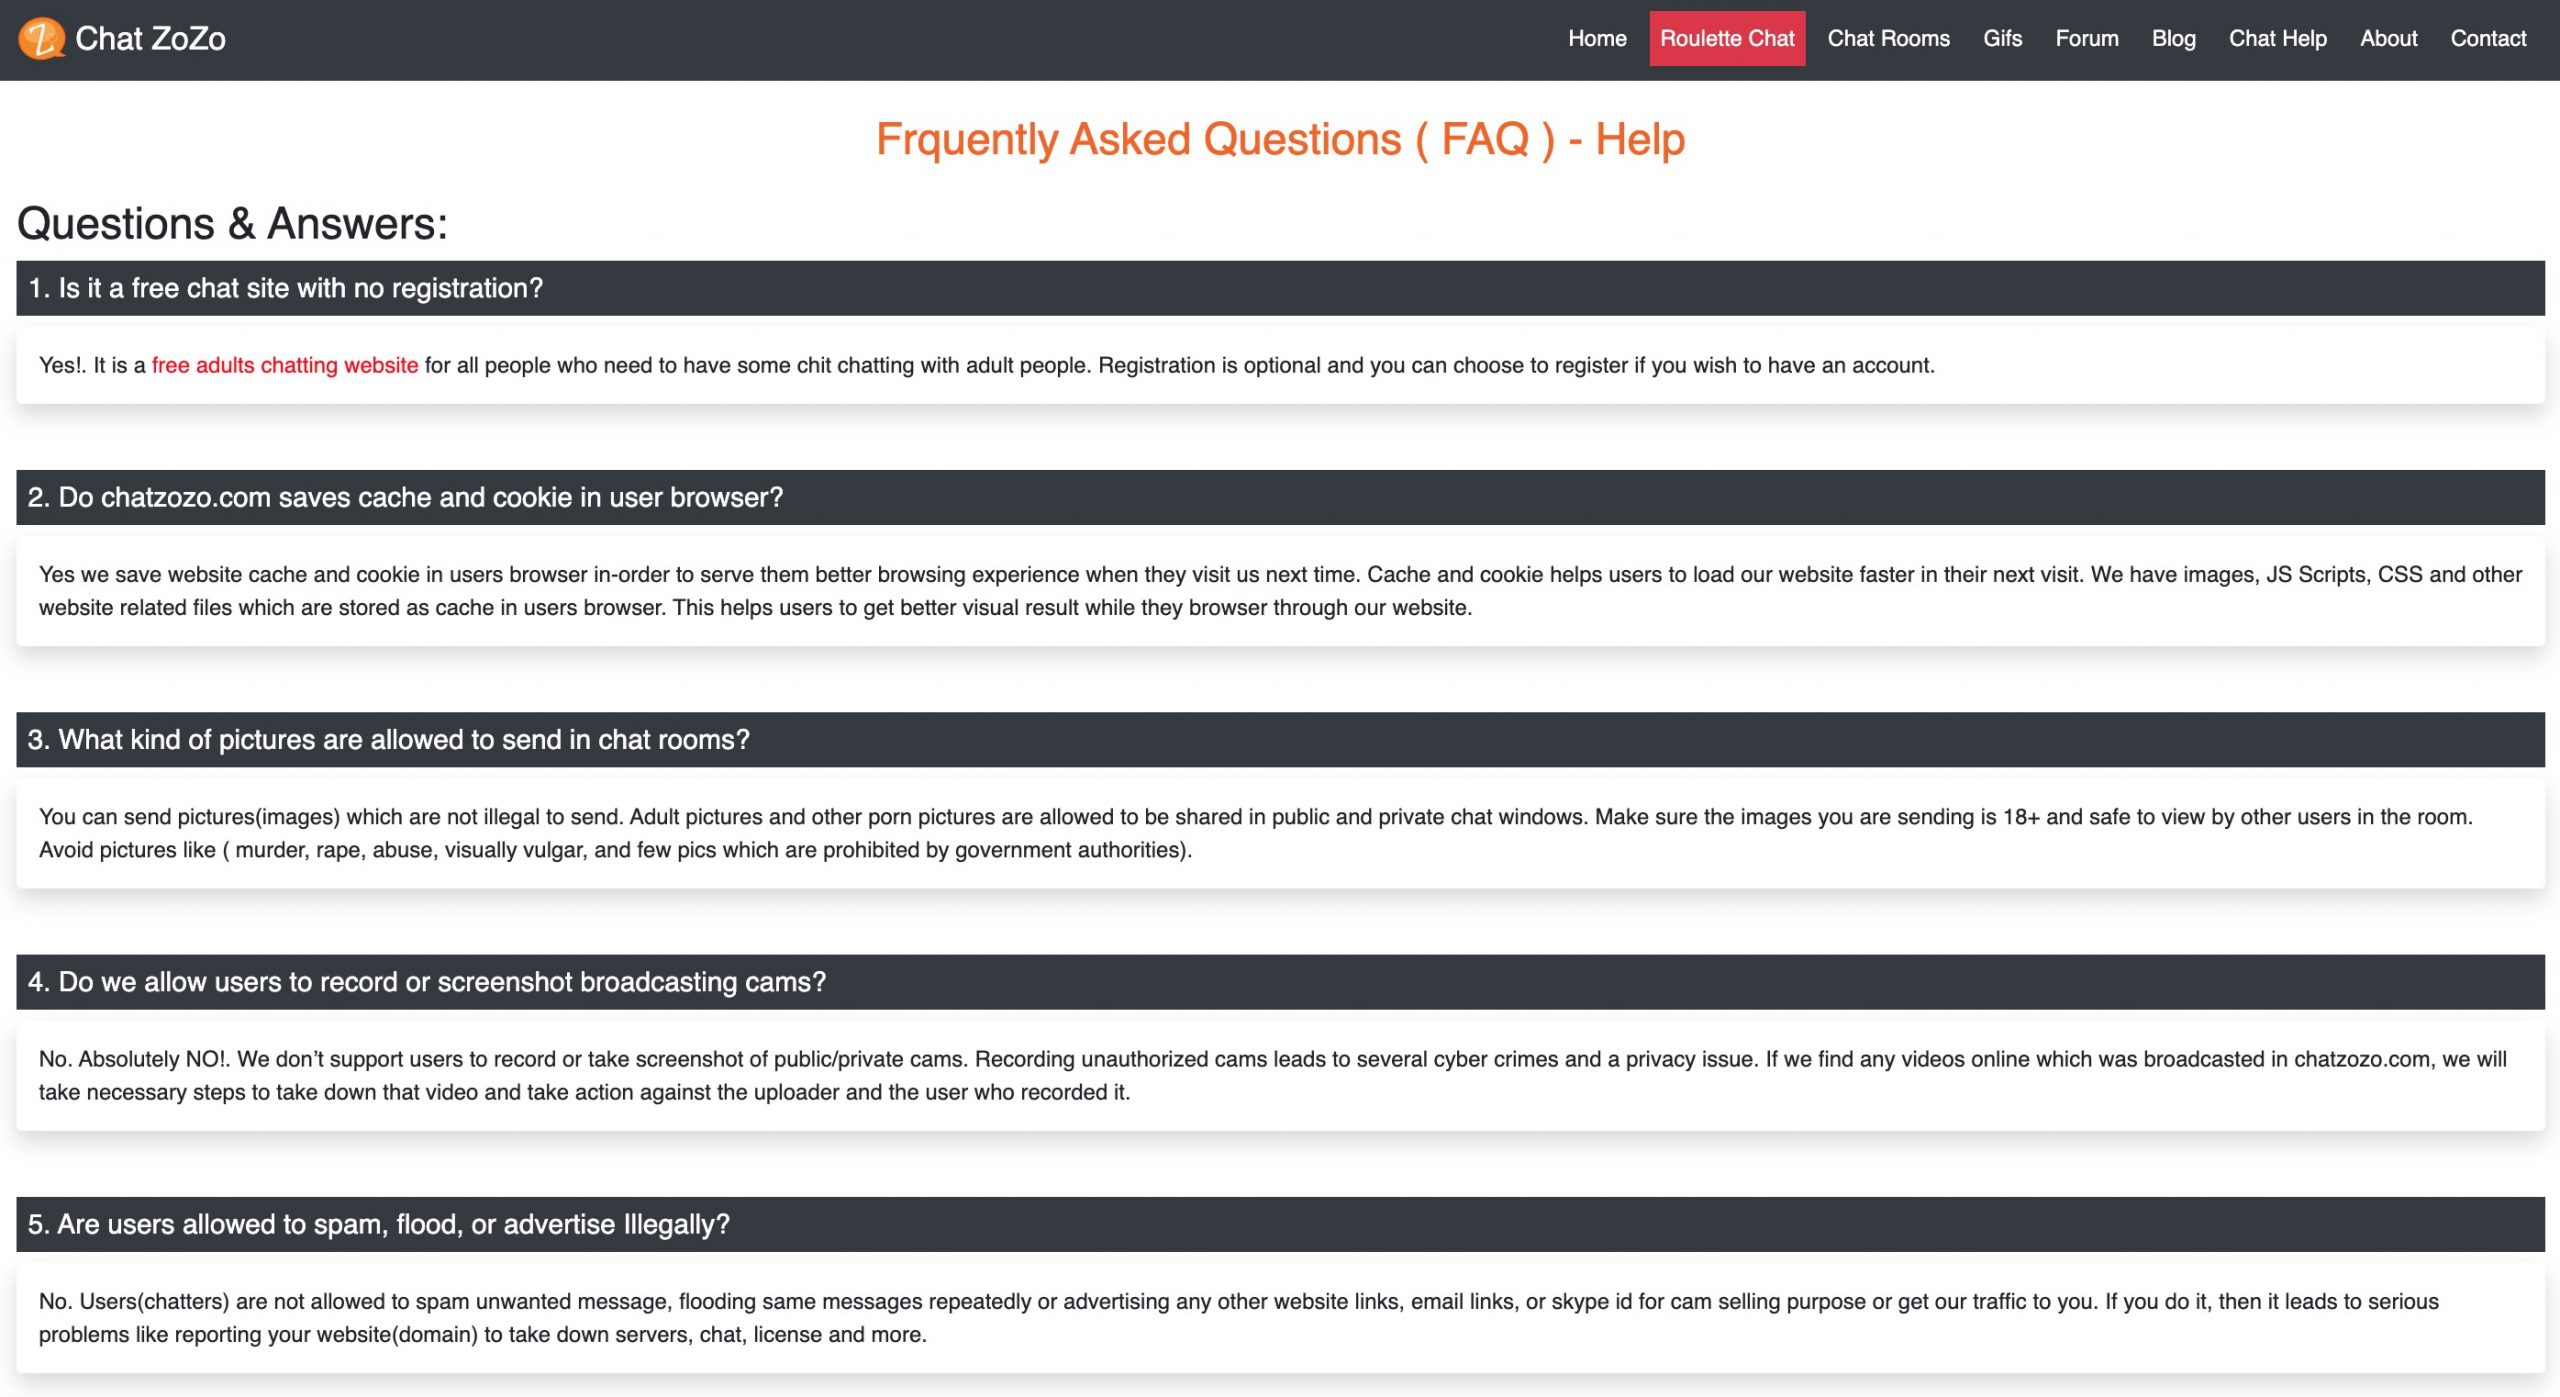 ChatZozo FAQ